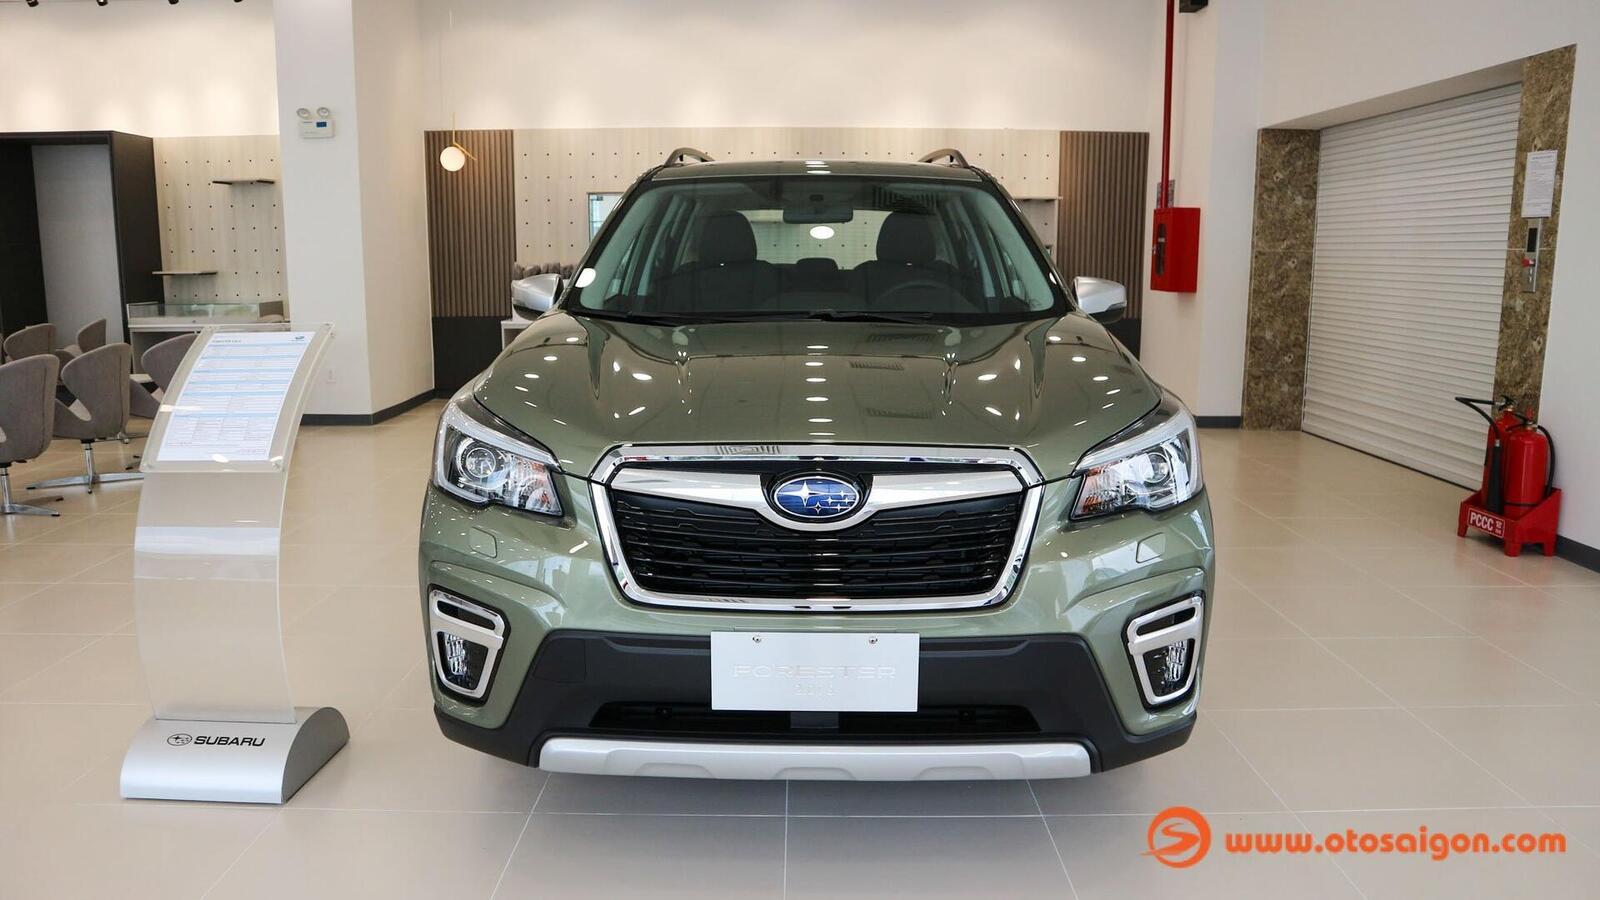 Cận cảnh Subaru Forester thế hệ mới nhập Thái sắp ra mắt tại Việt Nam | SUBARU - Hình 1